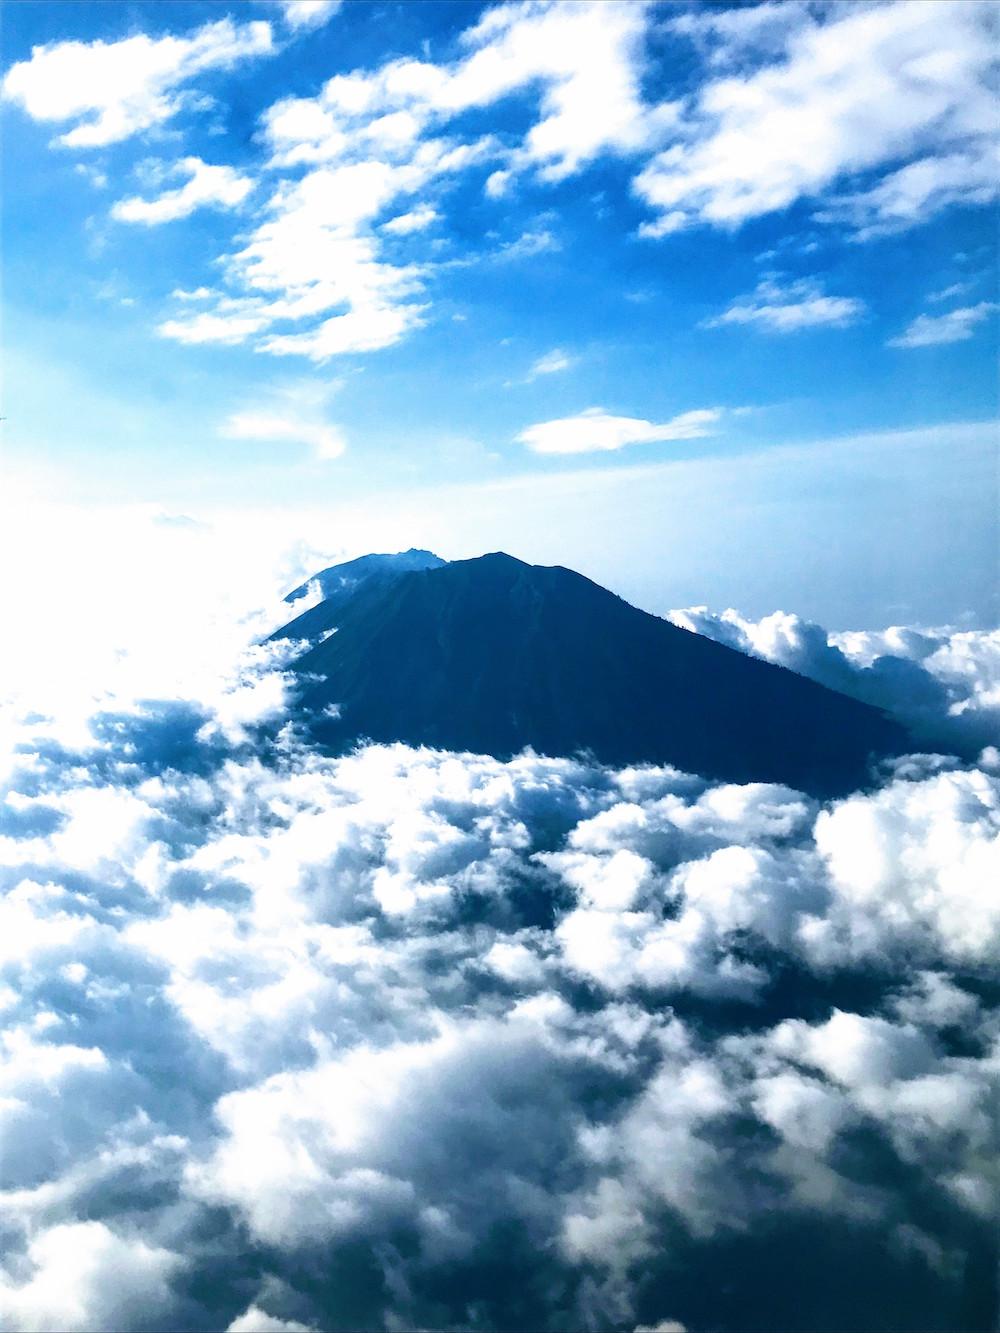 飛行機内から見えた「アグン山」